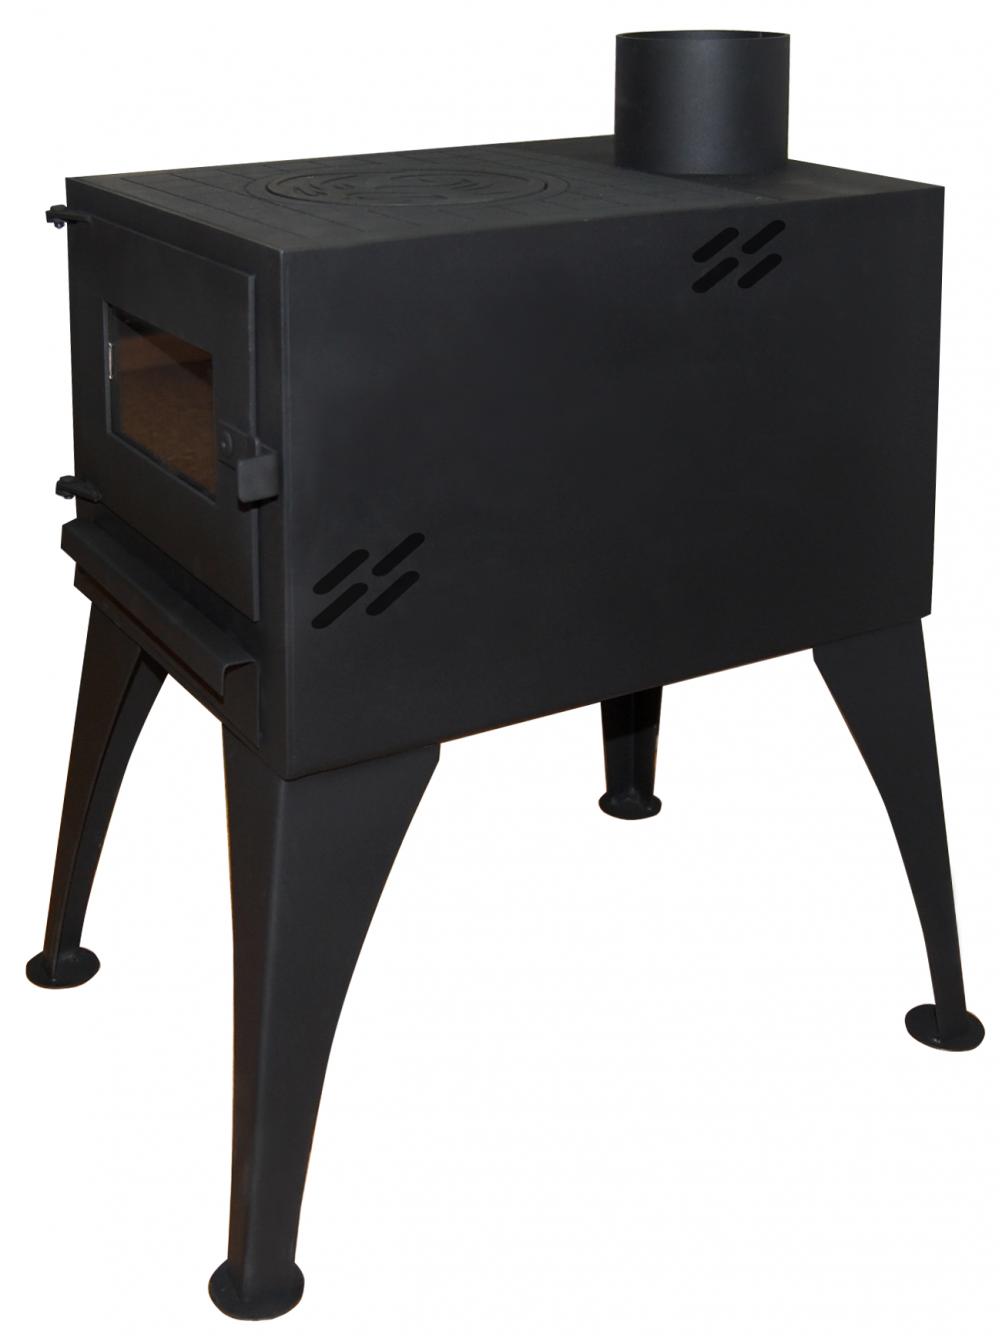 Печь для дачи на дровах: отопительные дровяные печки для обогрева дома, готовые современные металлические печи, устройство, виды, правила выбора